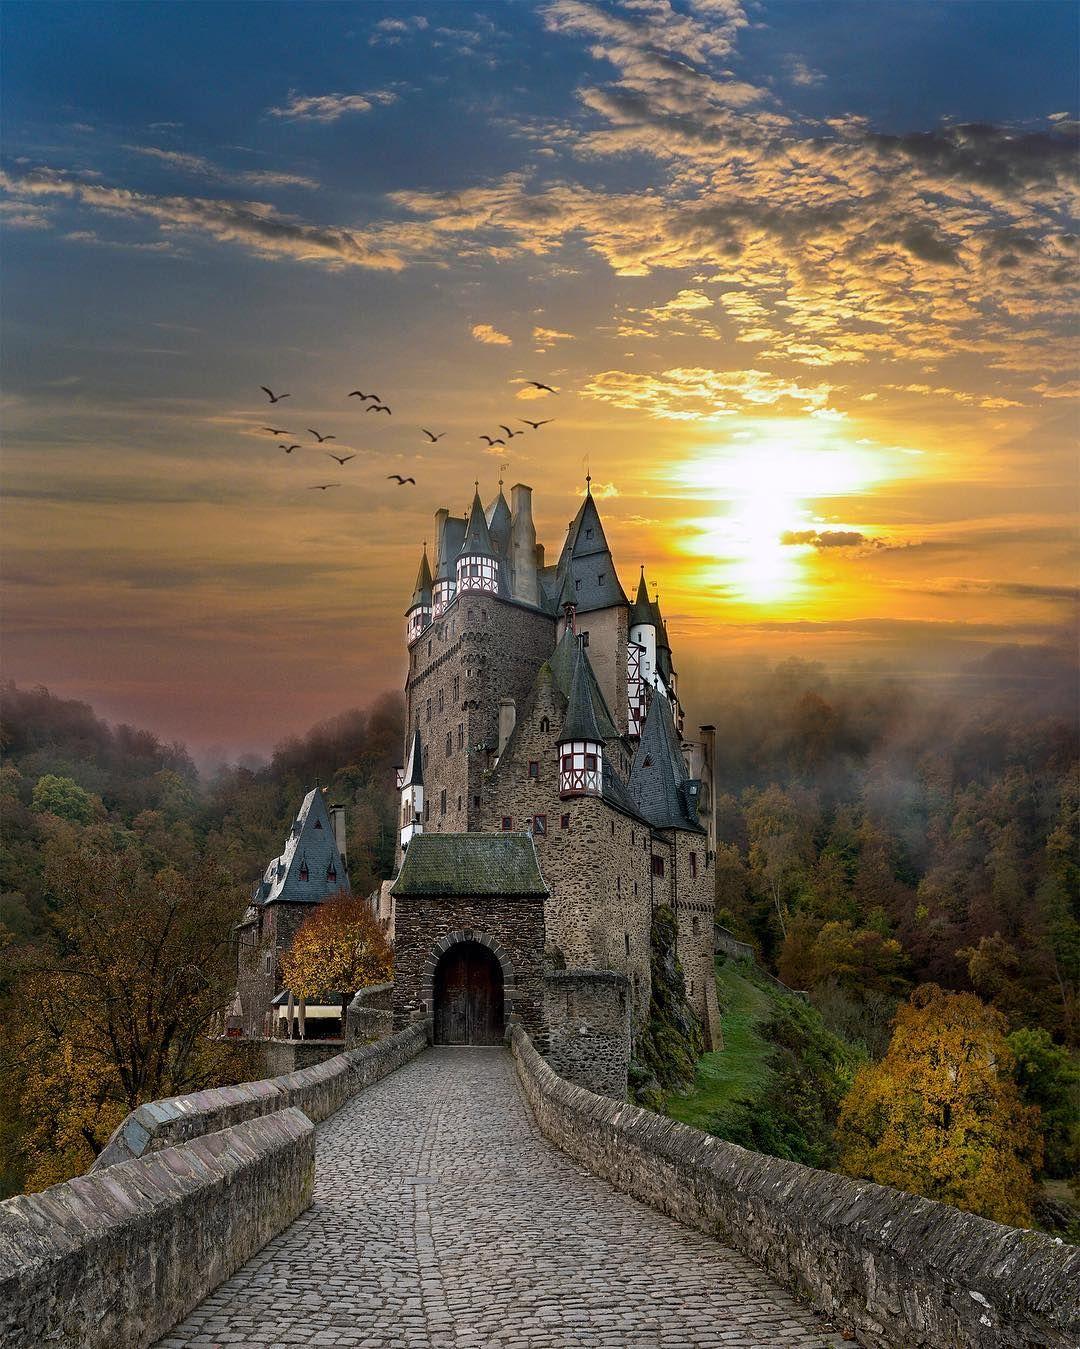 Offnungszeiten Preise Und Weitere Praktische Tipps Lest Hier Was Ihr Fur Euren Besuch Der Burg Schloss Neuschwanstein Orte Zum Besuchen Burgen Und Schlosser